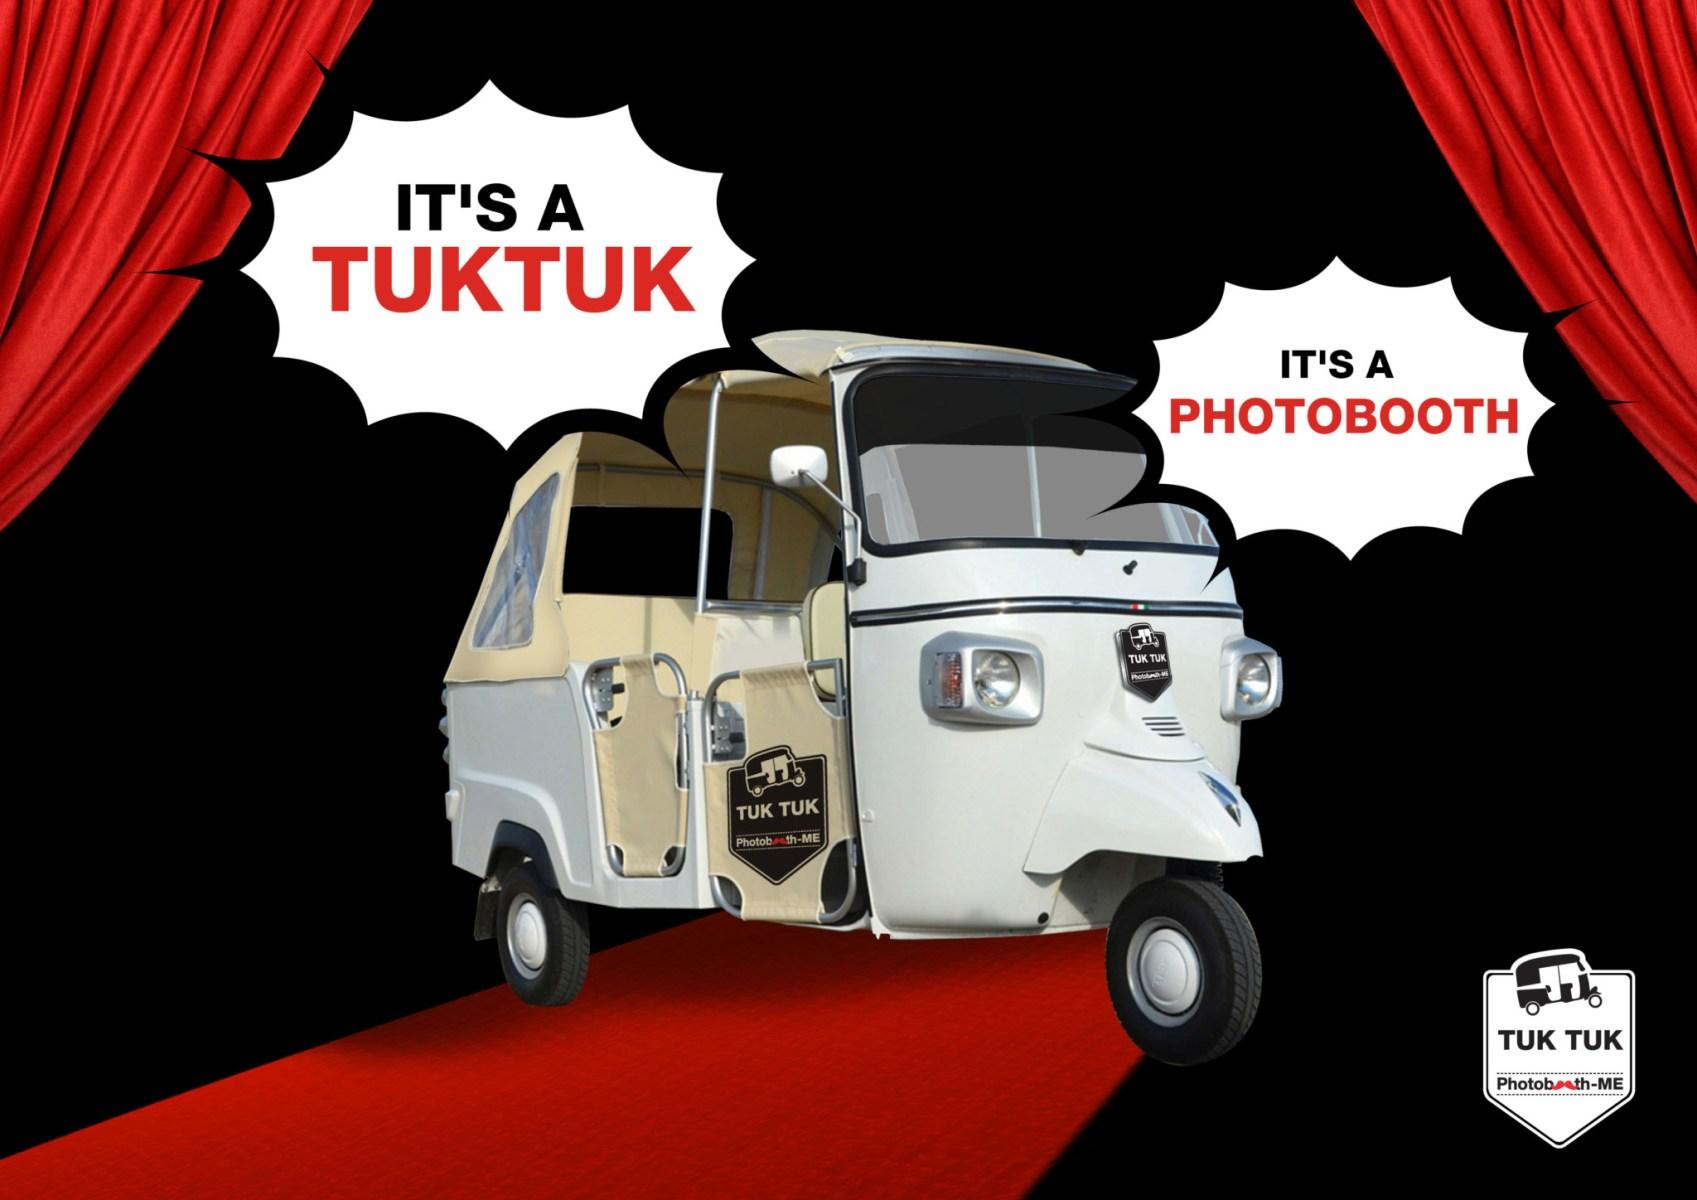 TukTuk Photobooth